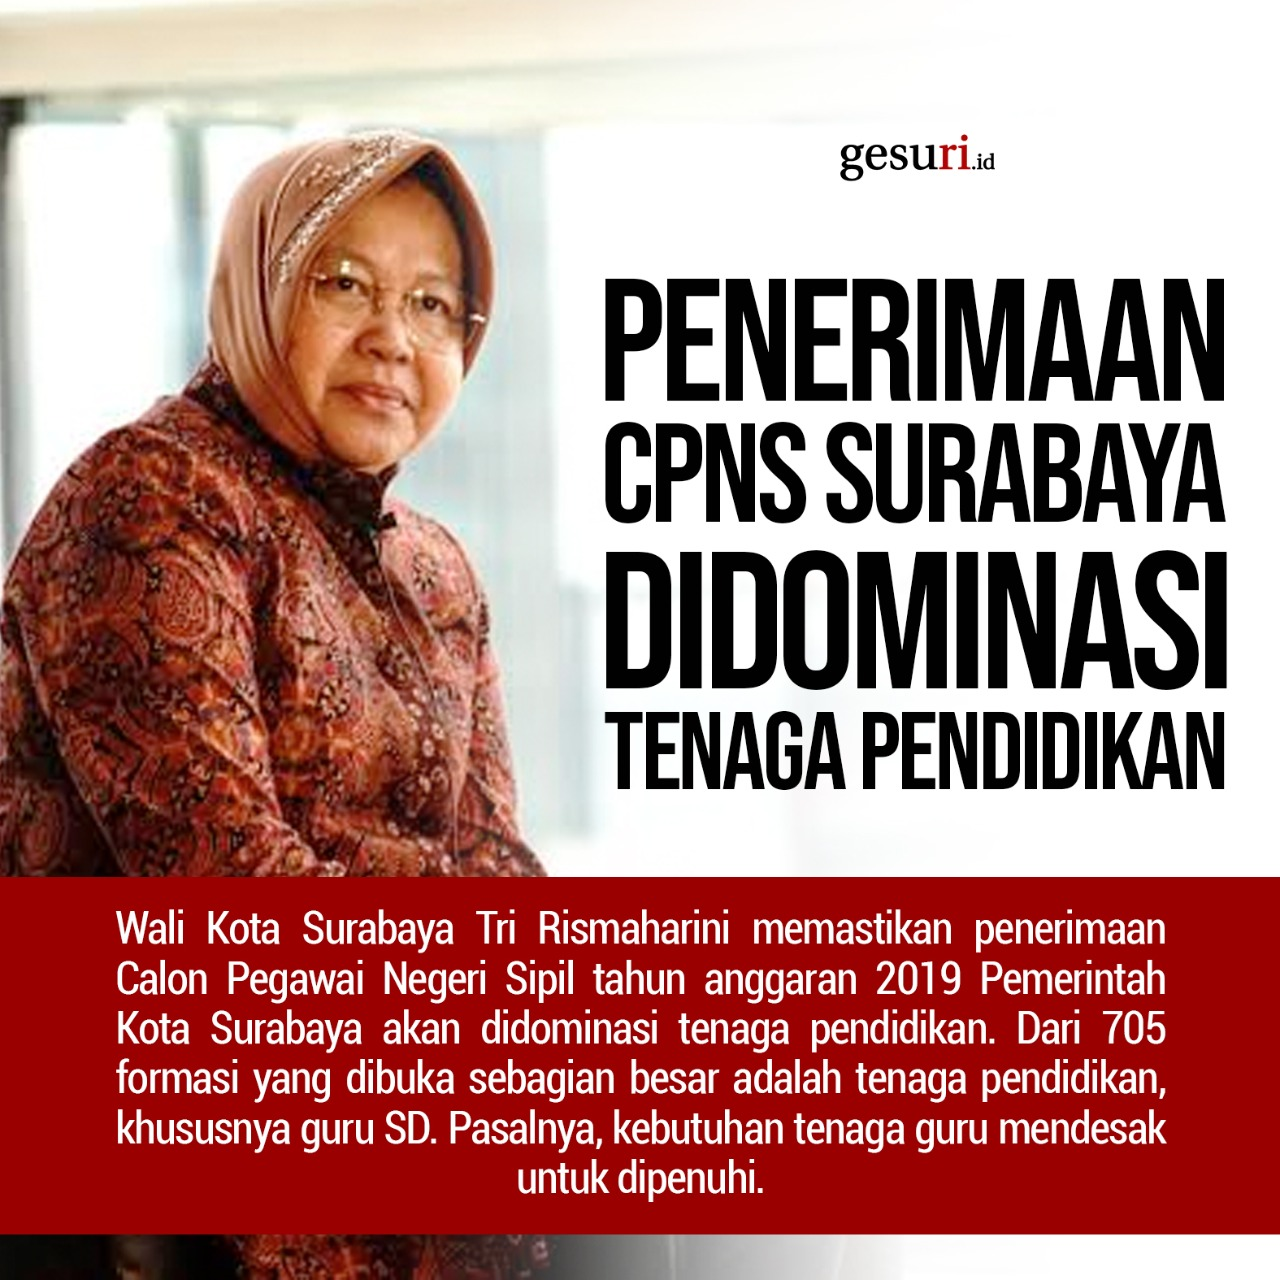 Penerimaan CPNS Surabaya Didominasi Tenaga Pendidikan